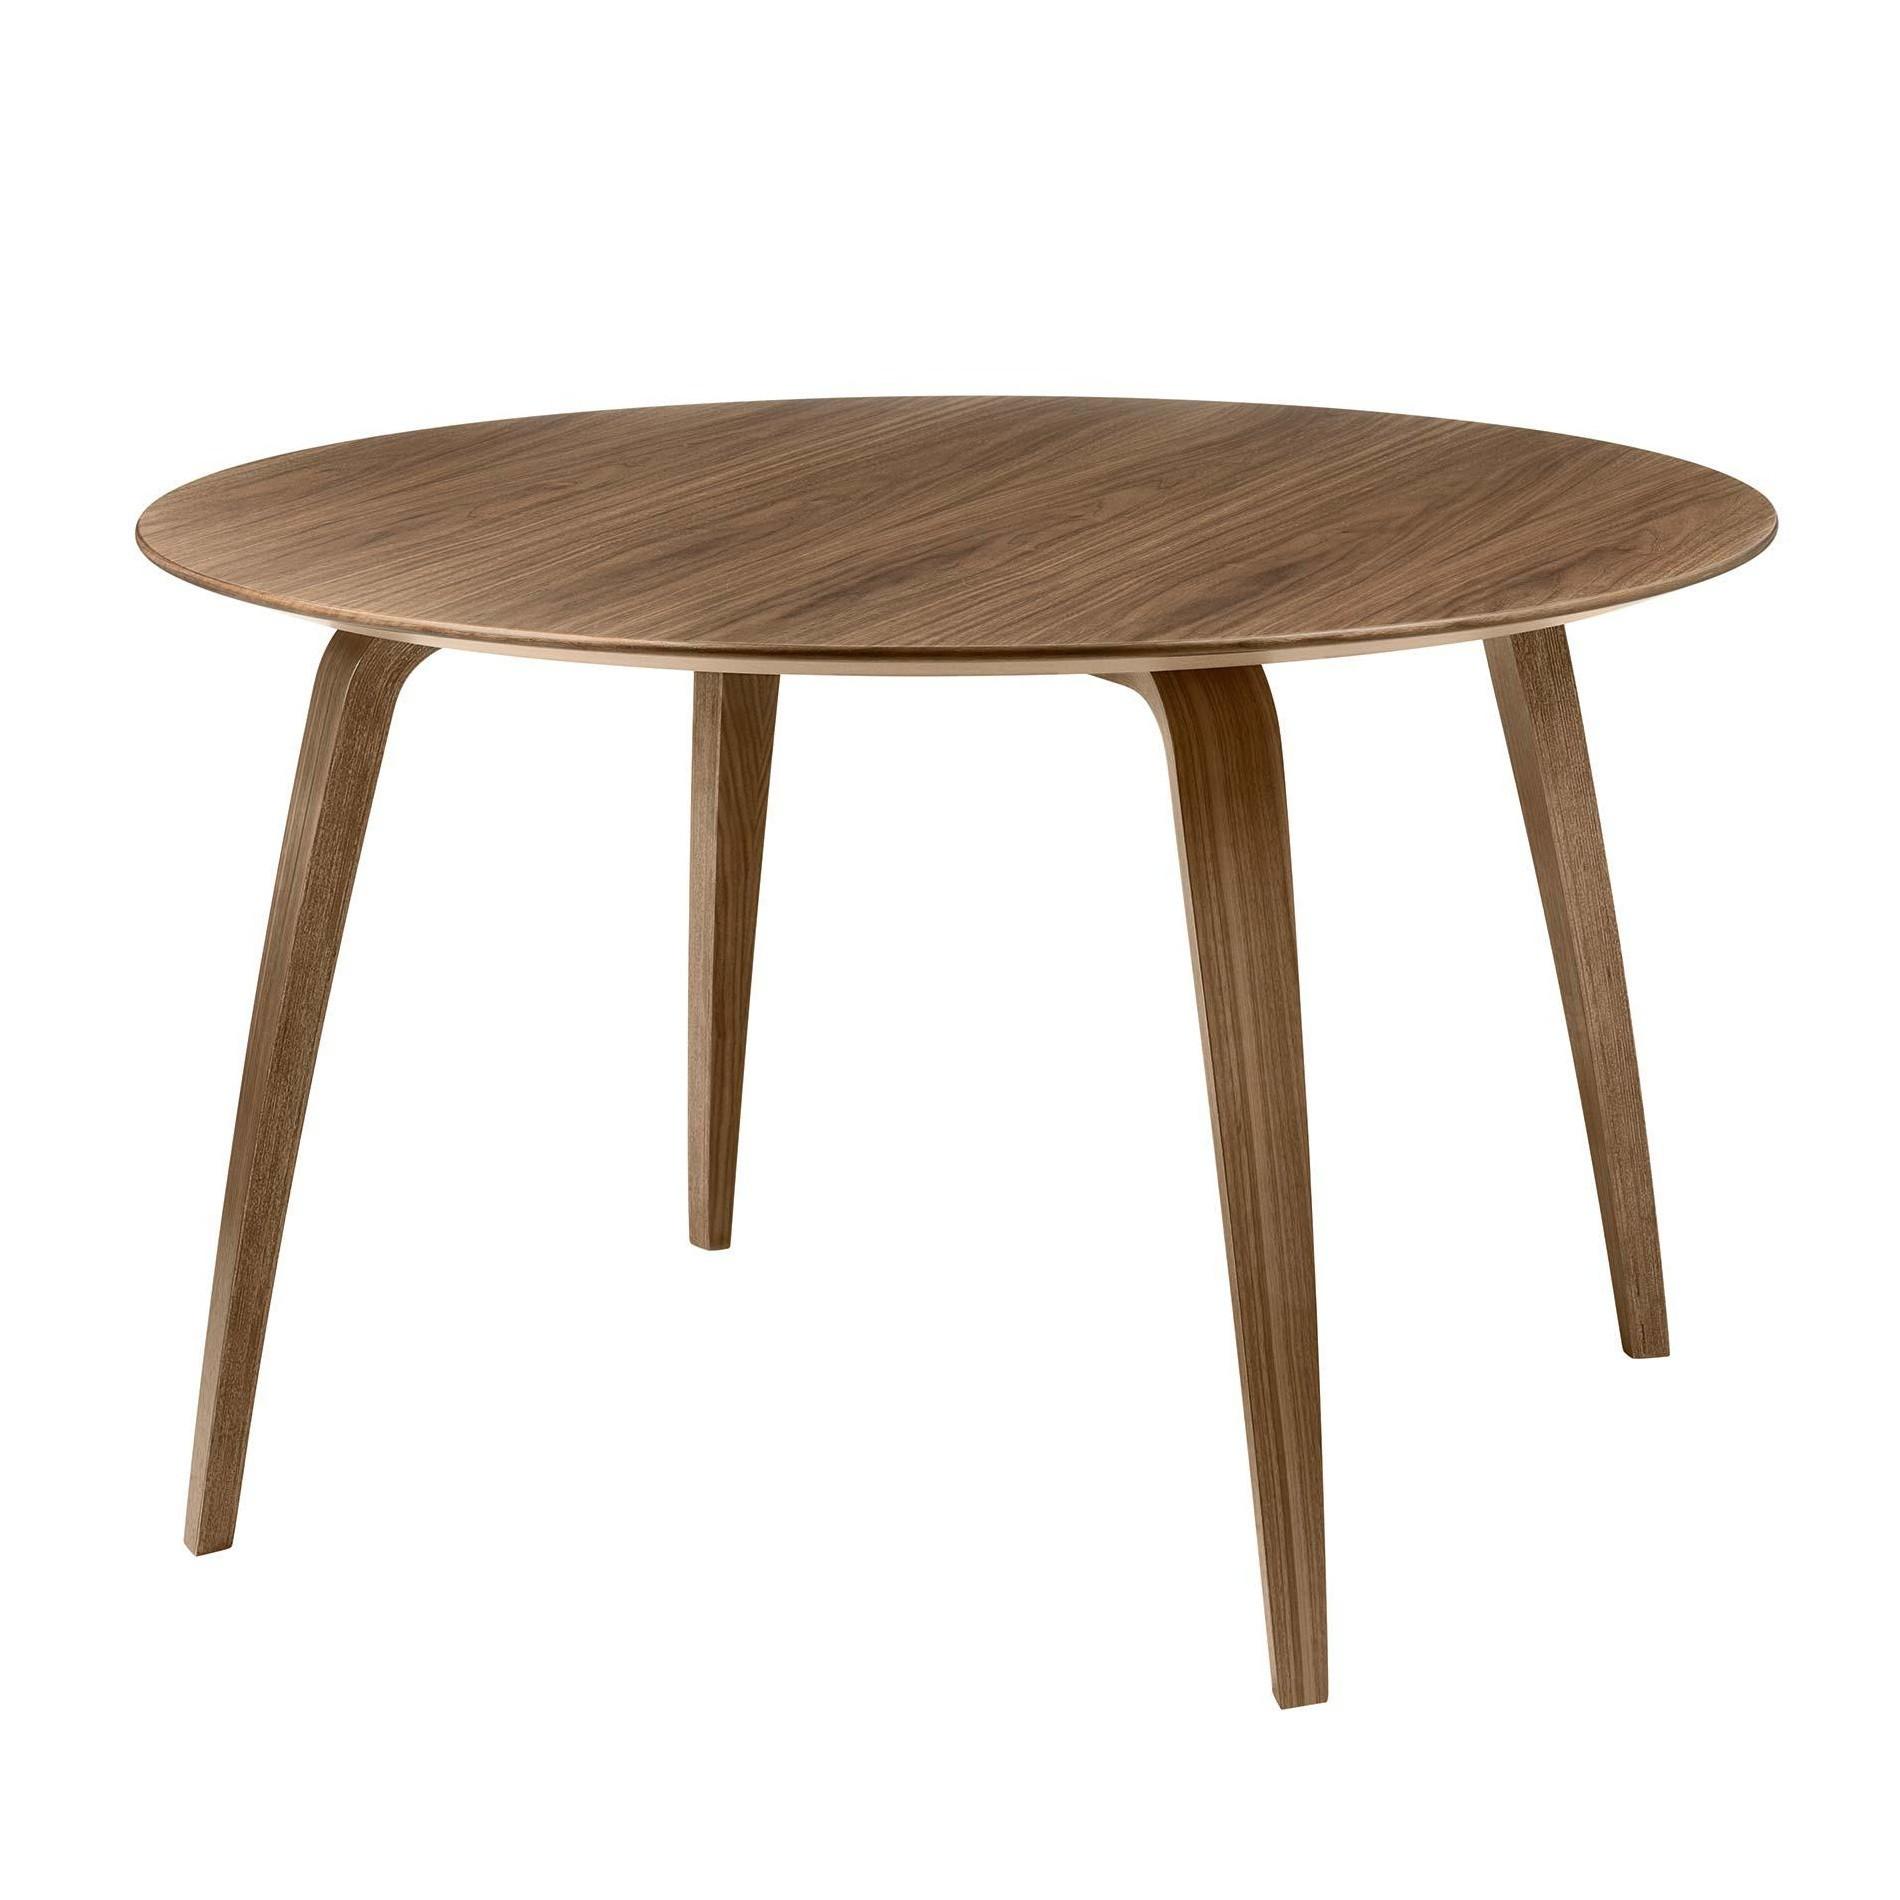 Full Size of Esstische Holz Gubi Dining Table Esstisch Rund Ambientedirect Massivholz Fliesen Holzoptik Bad Küche Modern Regal Weiß Designer Holzplatte Modulküche Esstische Esstische Holz